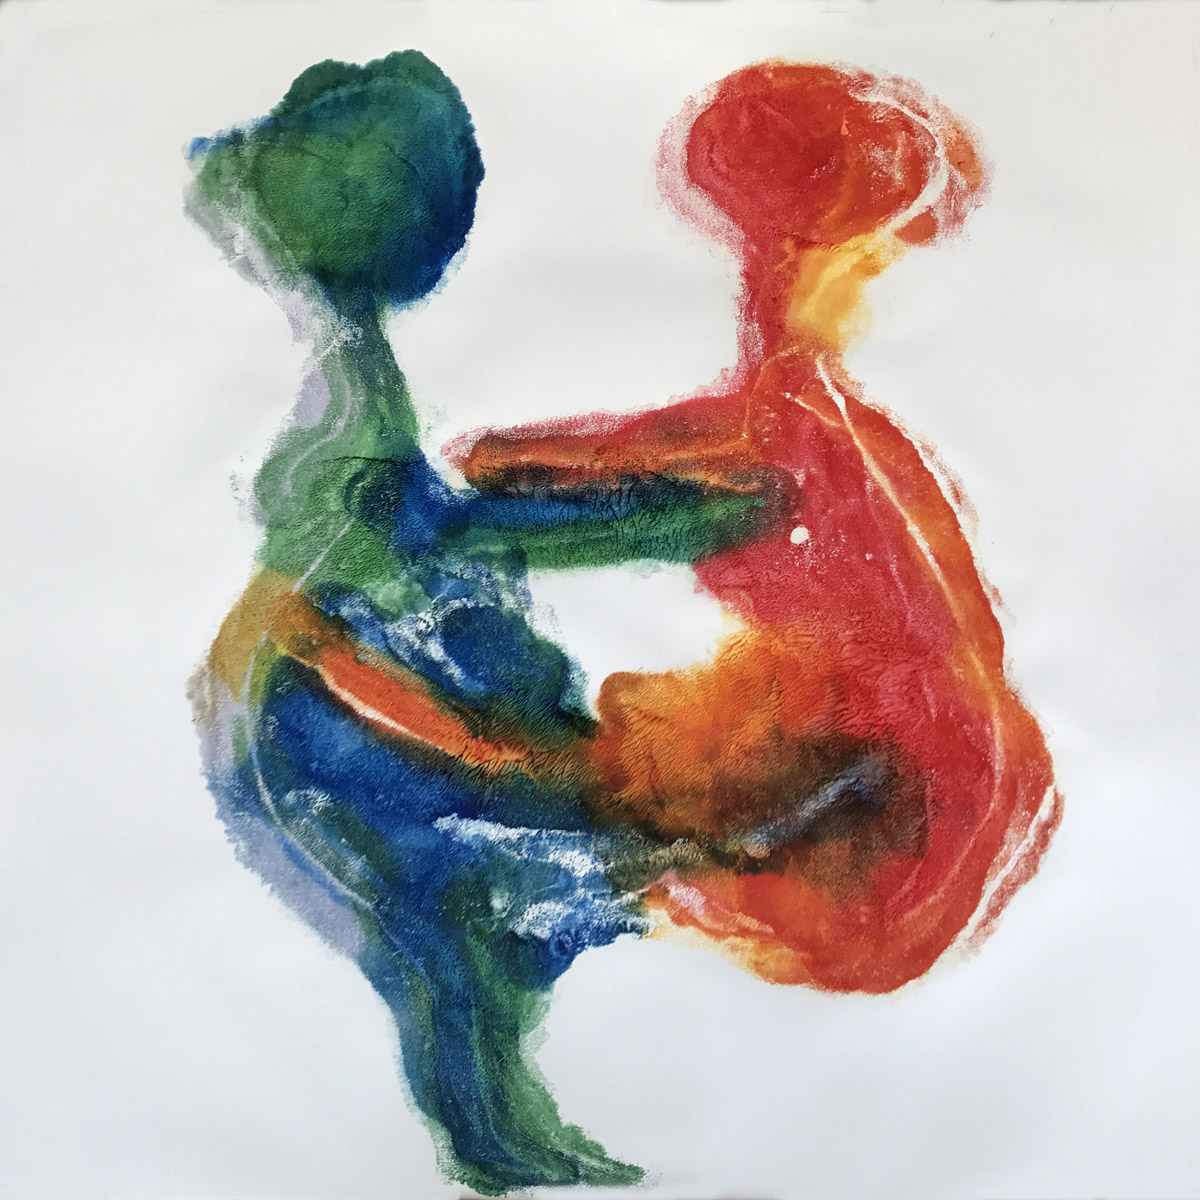 Embrace Diversity - 7/12